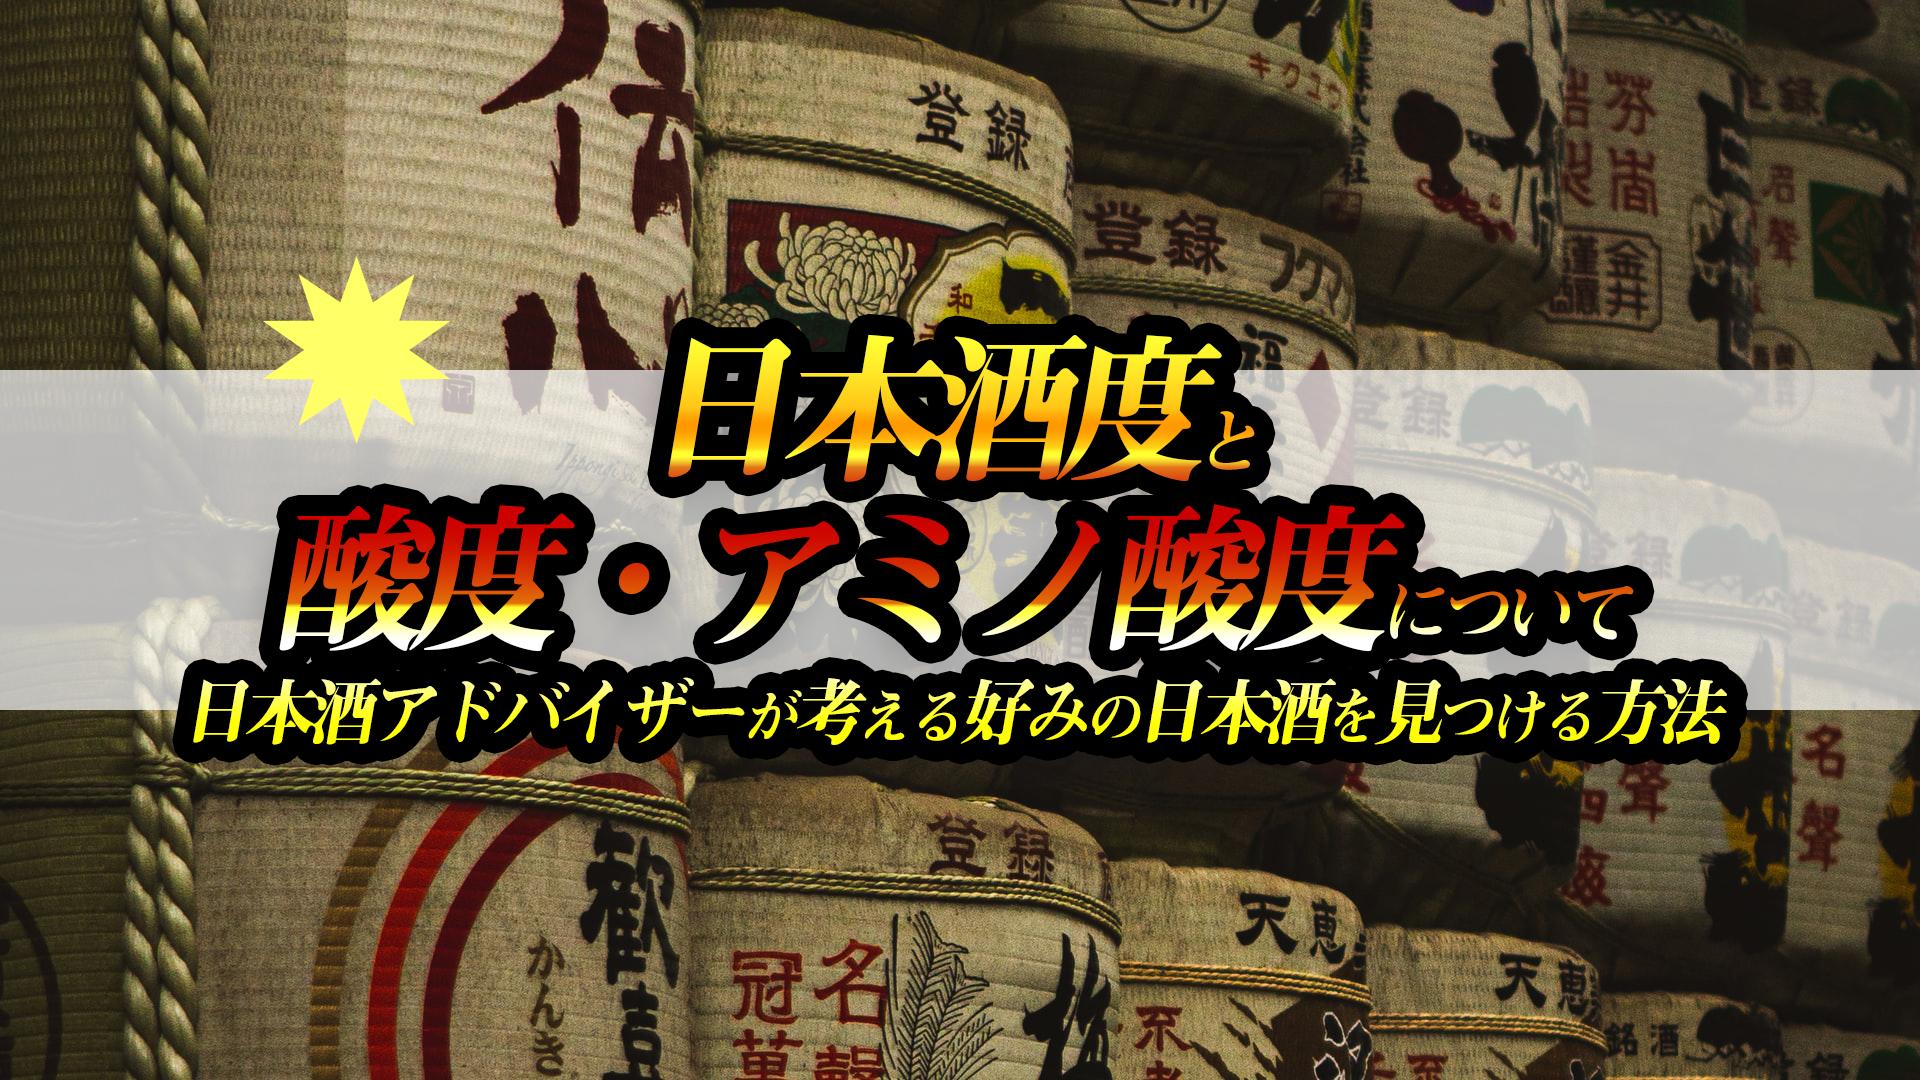 日本酒度と酸度・アミノ酸度について 日本酒アドバイザーが考える好みの日本酒を見つける方法